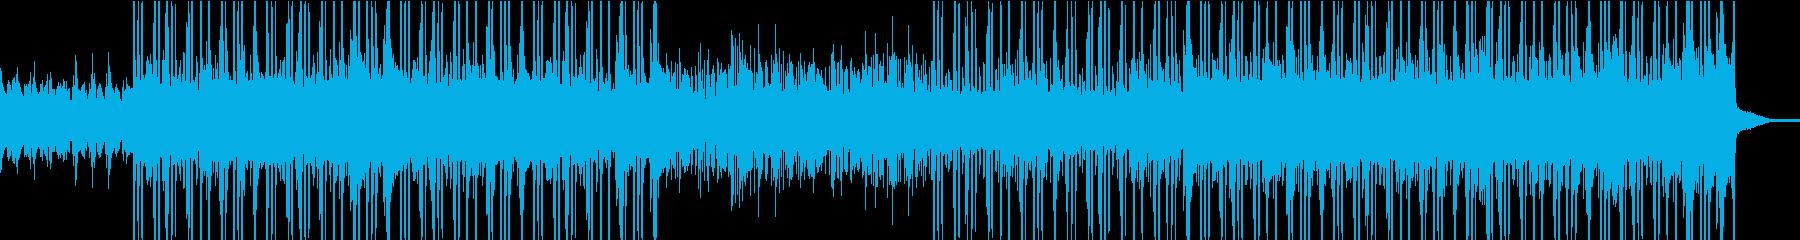 レトロ ゆっくり 魅惑 弦楽器 ド...の再生済みの波形